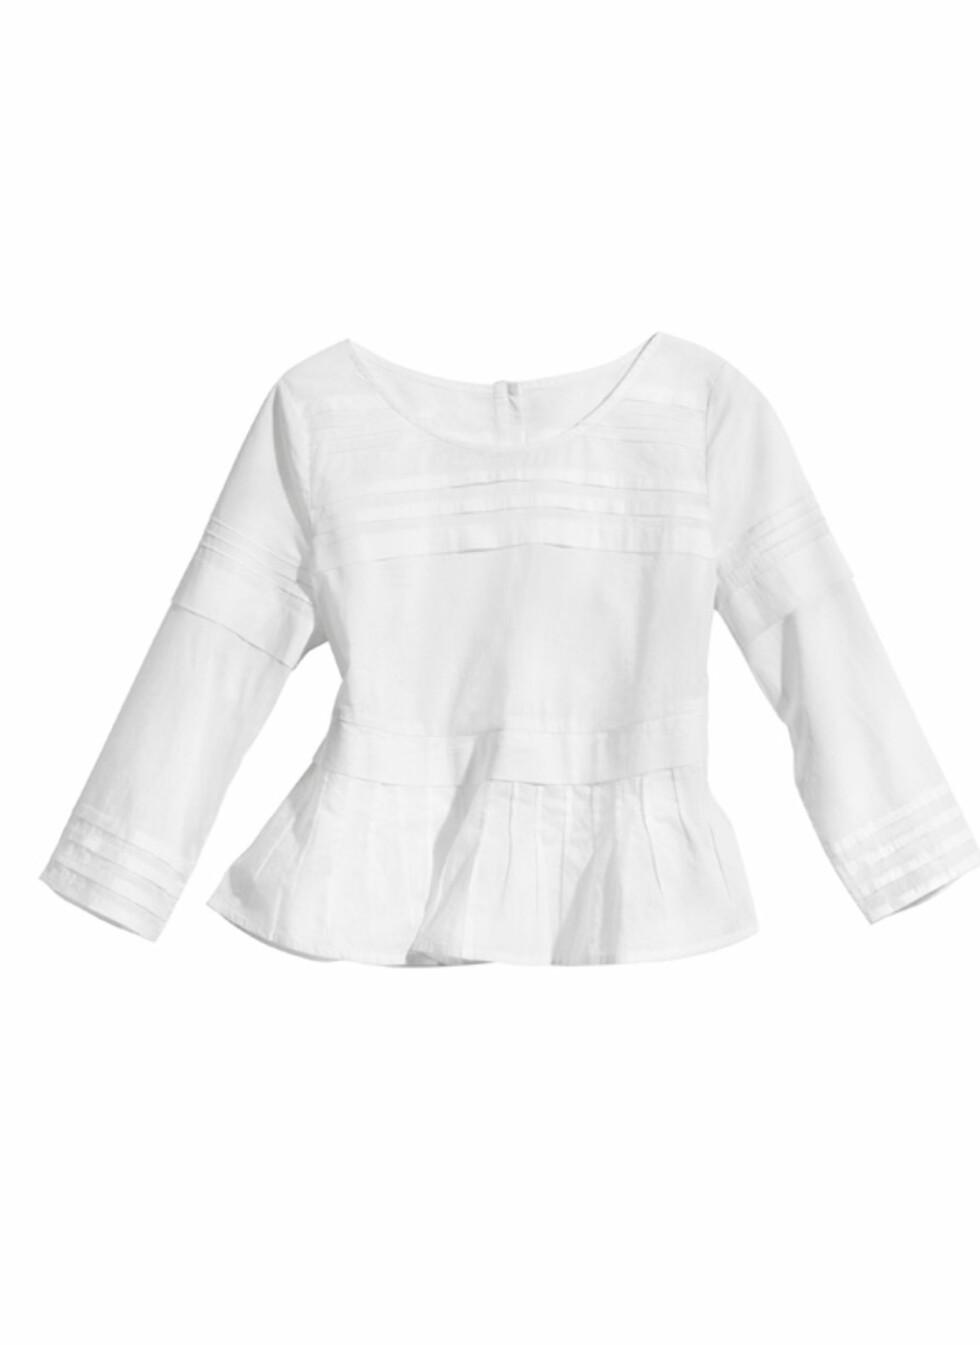 Langermet hvit bluse (kr.149). Foto: H&M